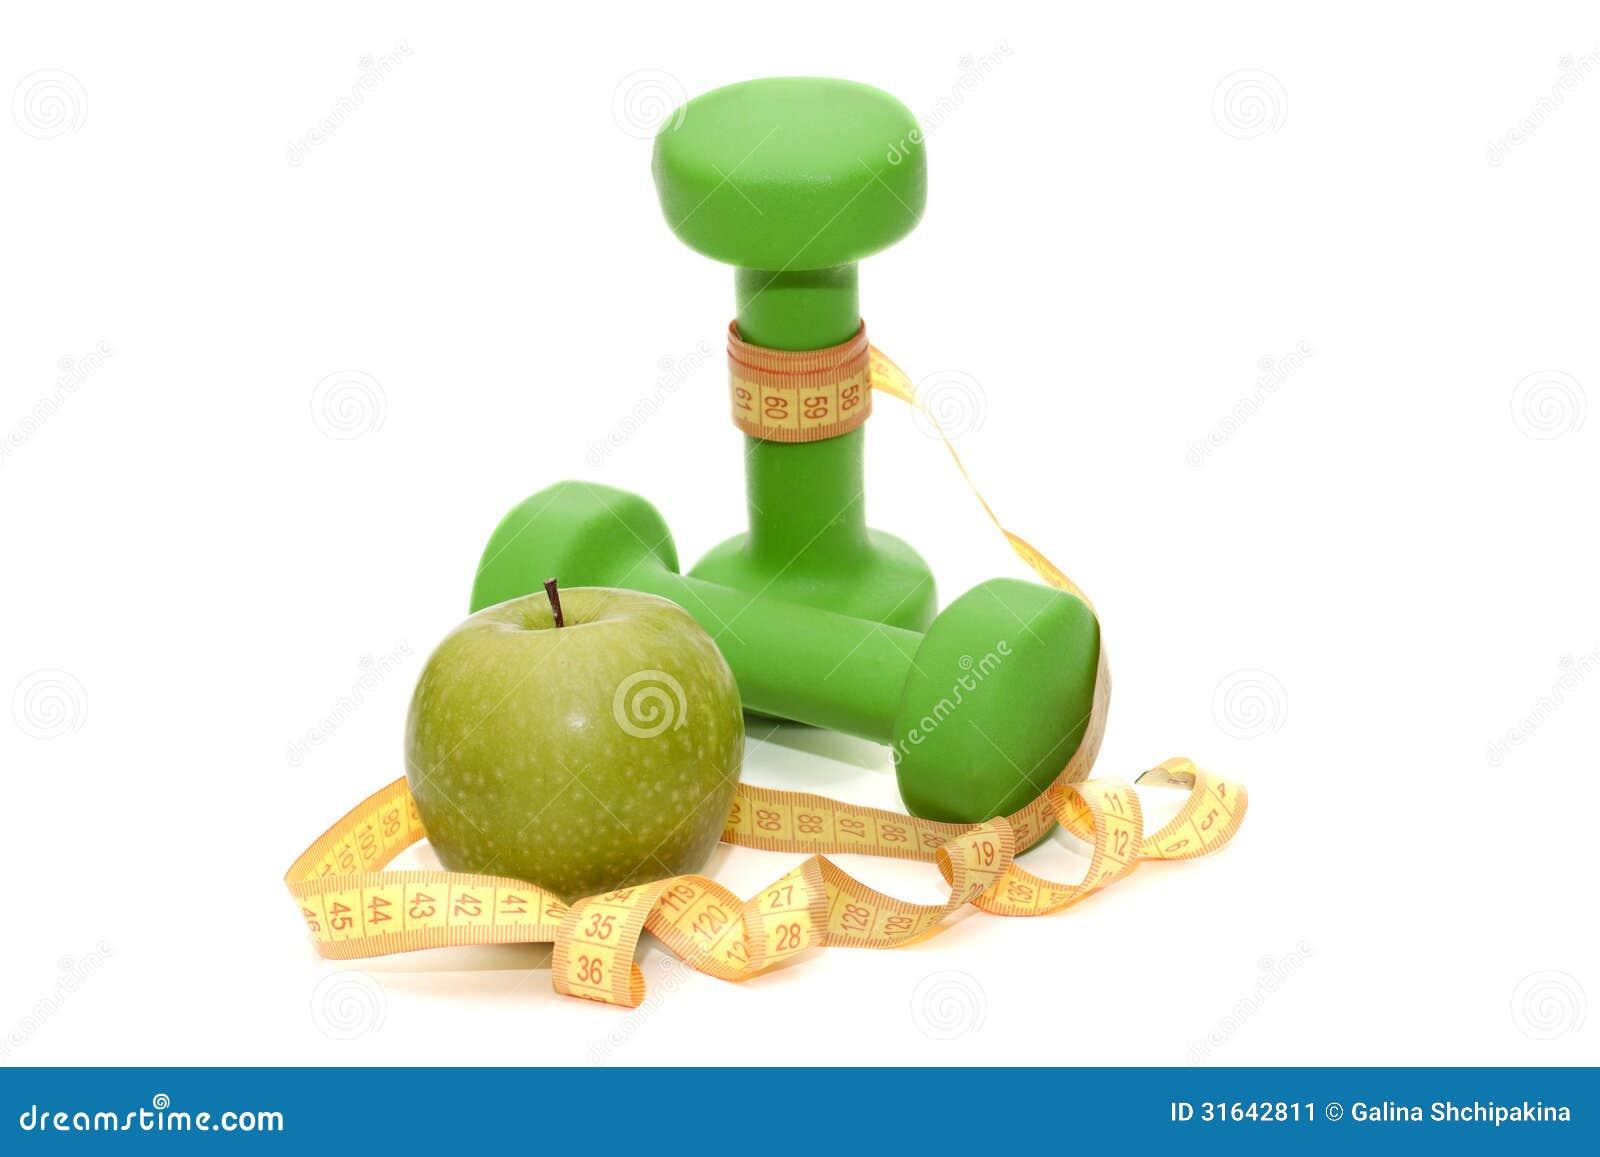 Dumbbells for fitness green apple and centimeter